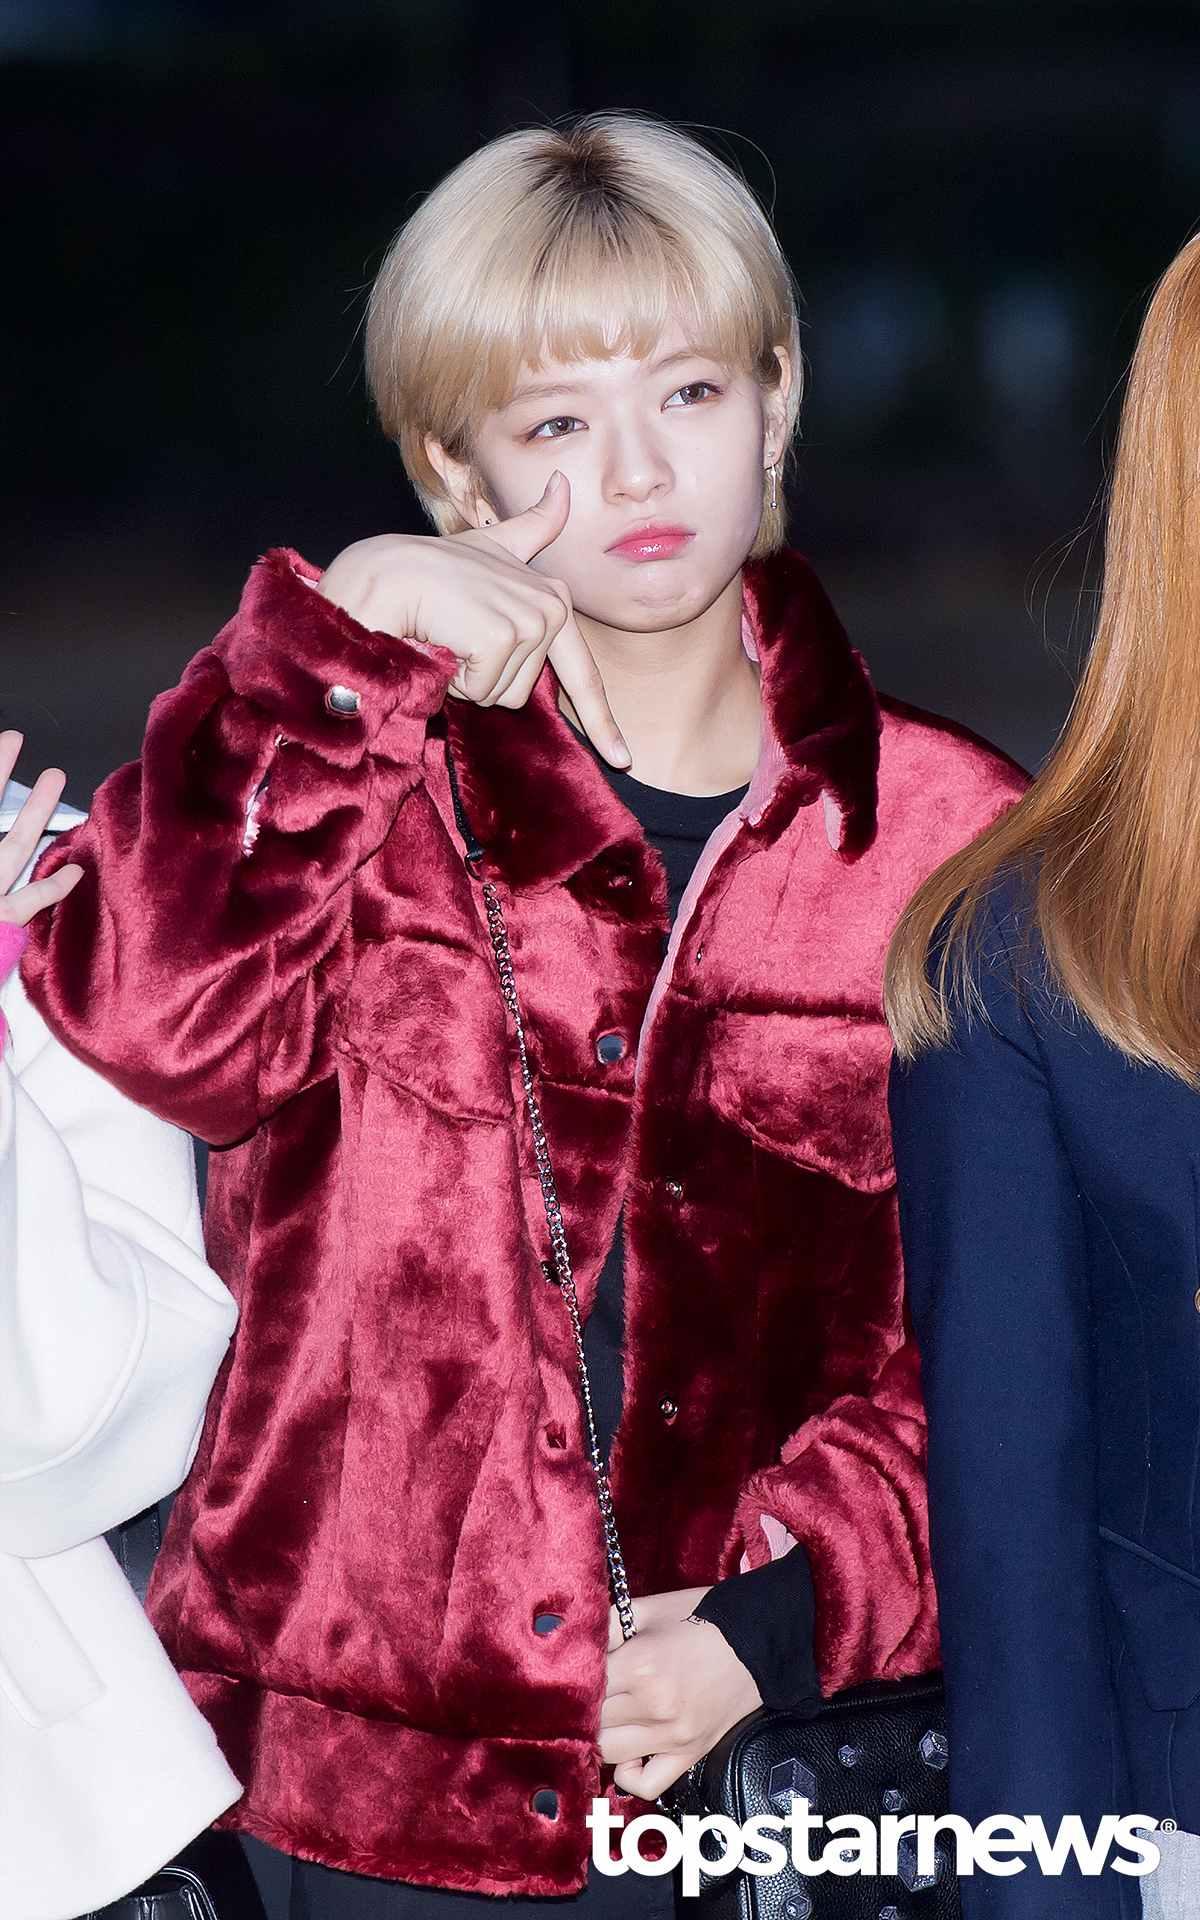 一樣是絨毛大衣款,定延則是選擇紅色的樣式。大家有發現Mina和定延都不是穿長版的嗎?其實比起傳統一般的長大衣,短大衣更顯活力俏皮,也比較不會給人有壓迫難接近的感覺!